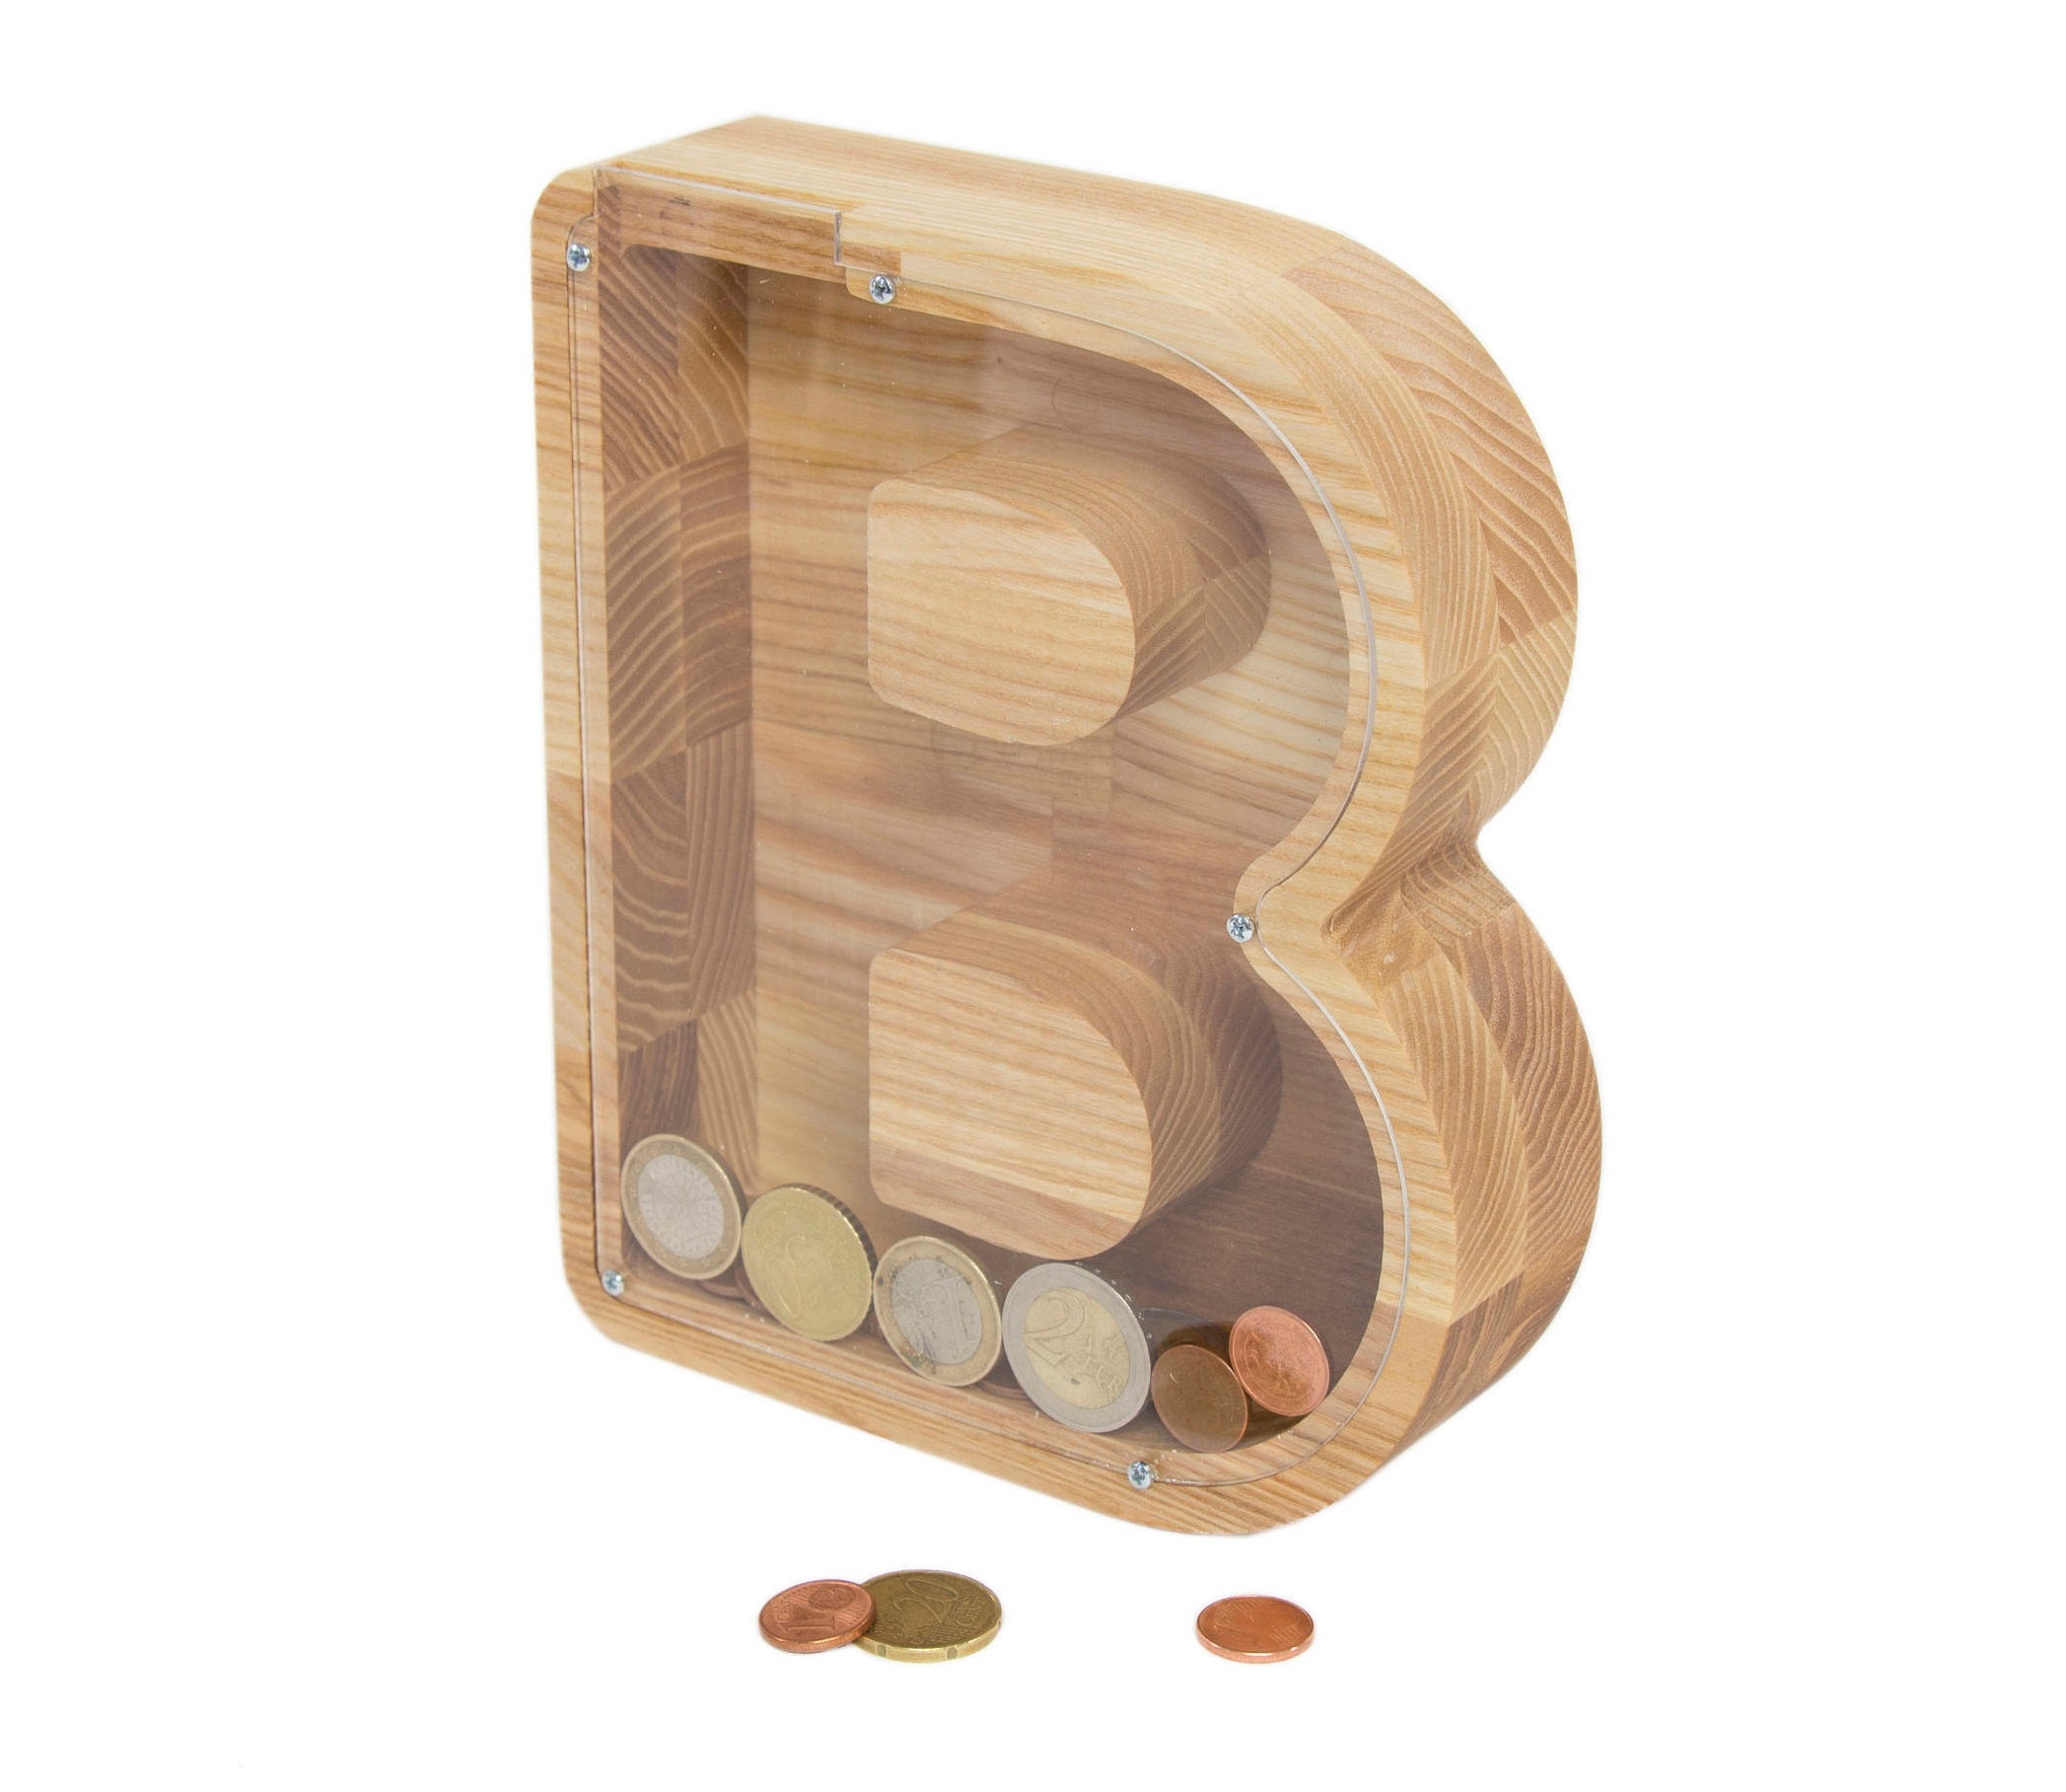 b brief geld box kind spardose spardose aus holz holz. Black Bedroom Furniture Sets. Home Design Ideas